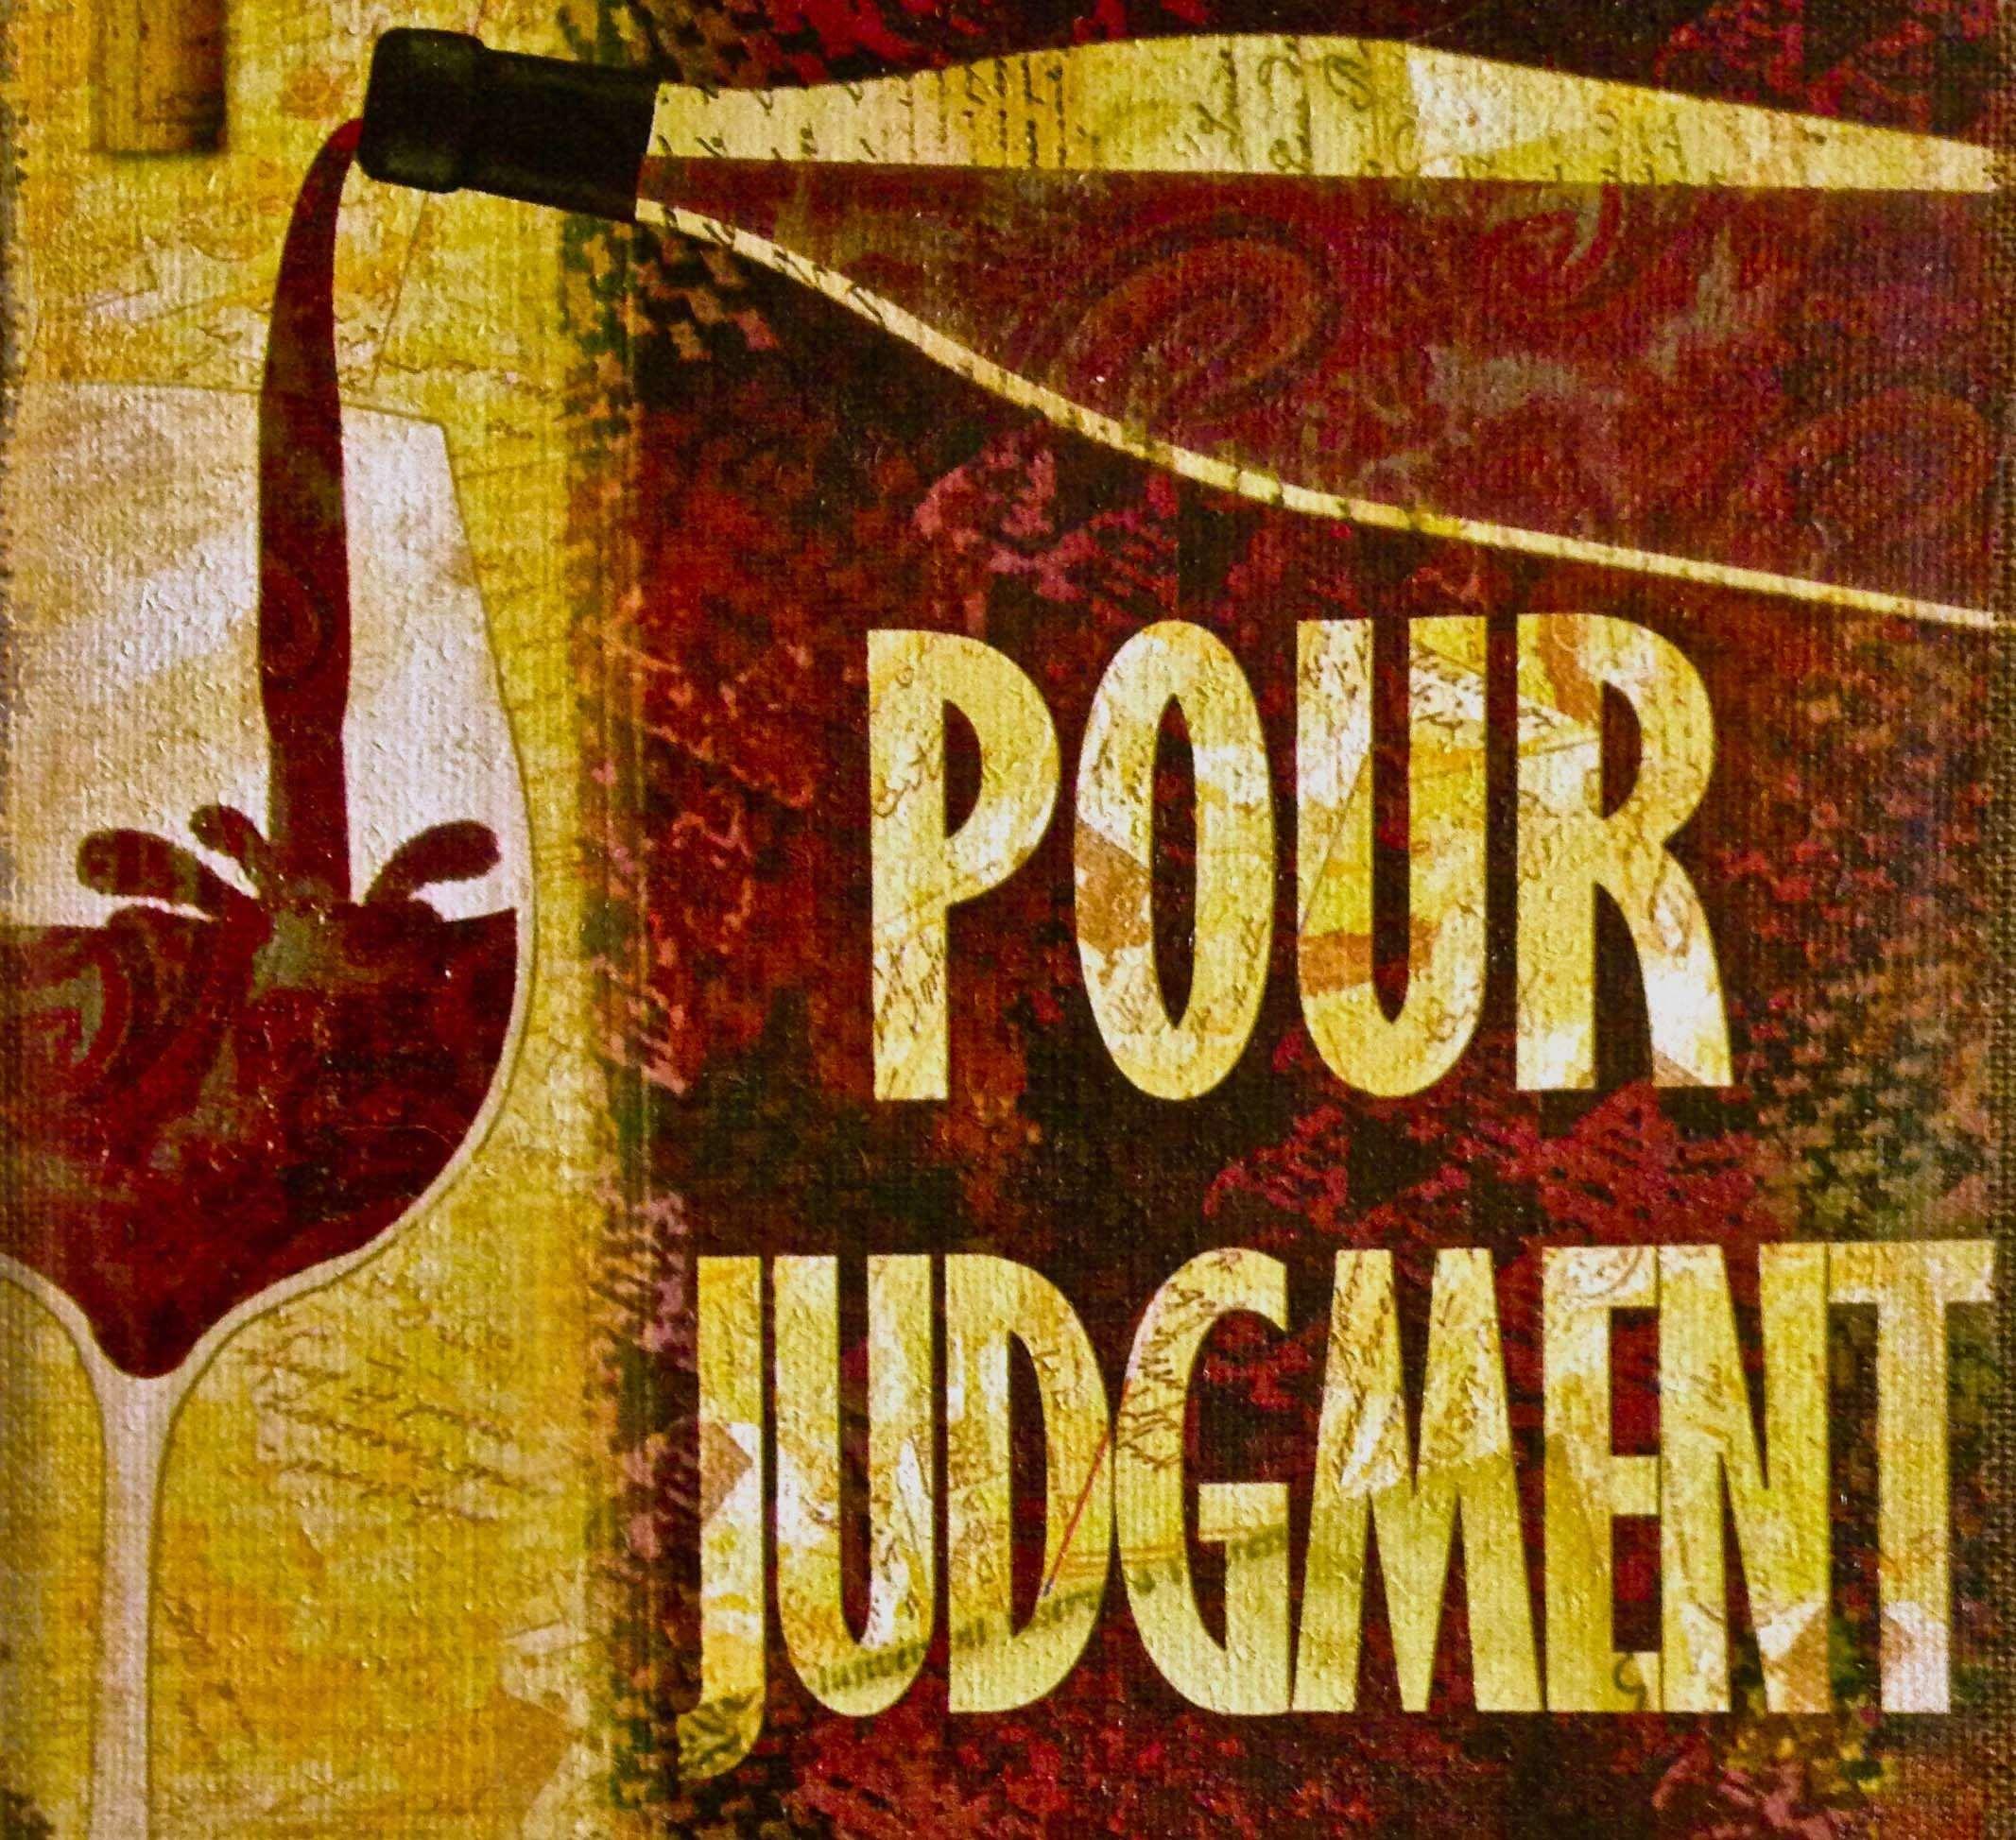 Pour Judgment